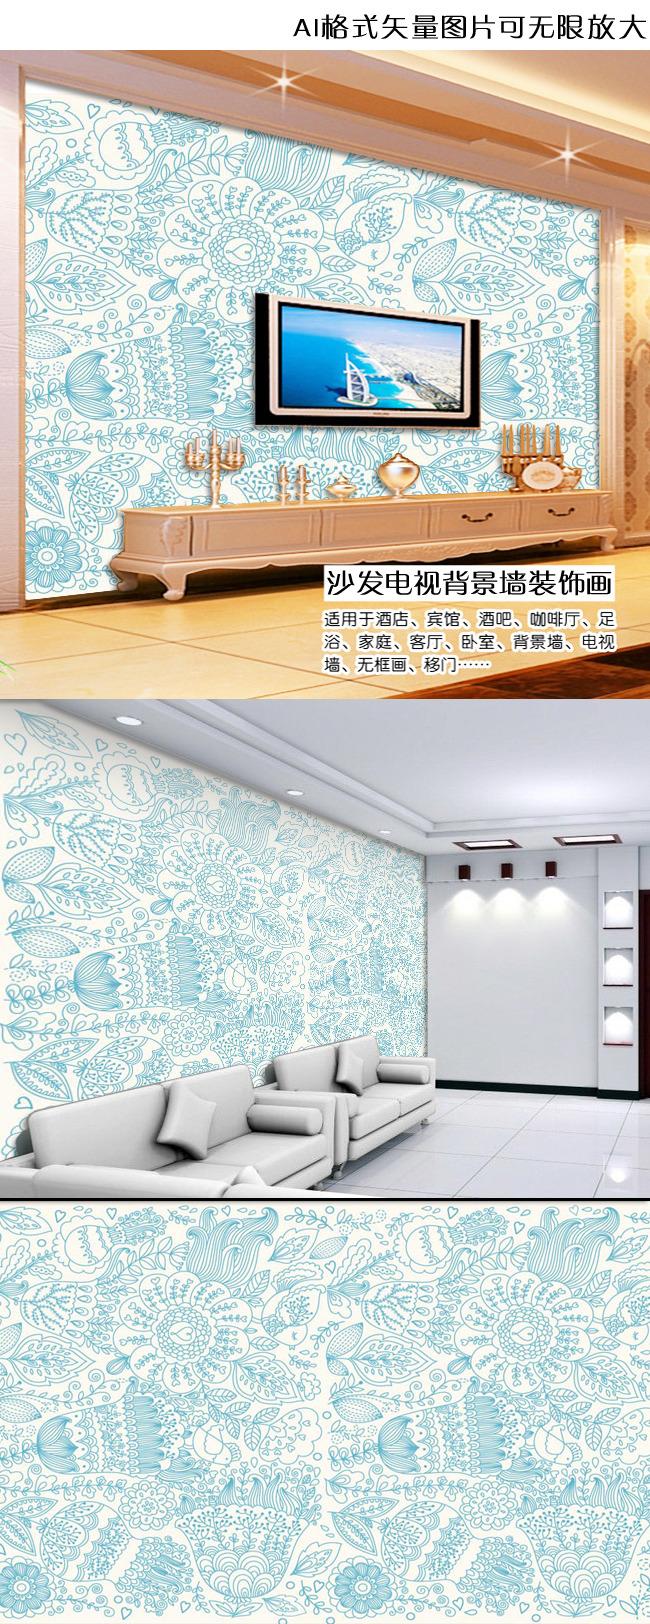 蓝色小清新手绘花纹电视背景墙